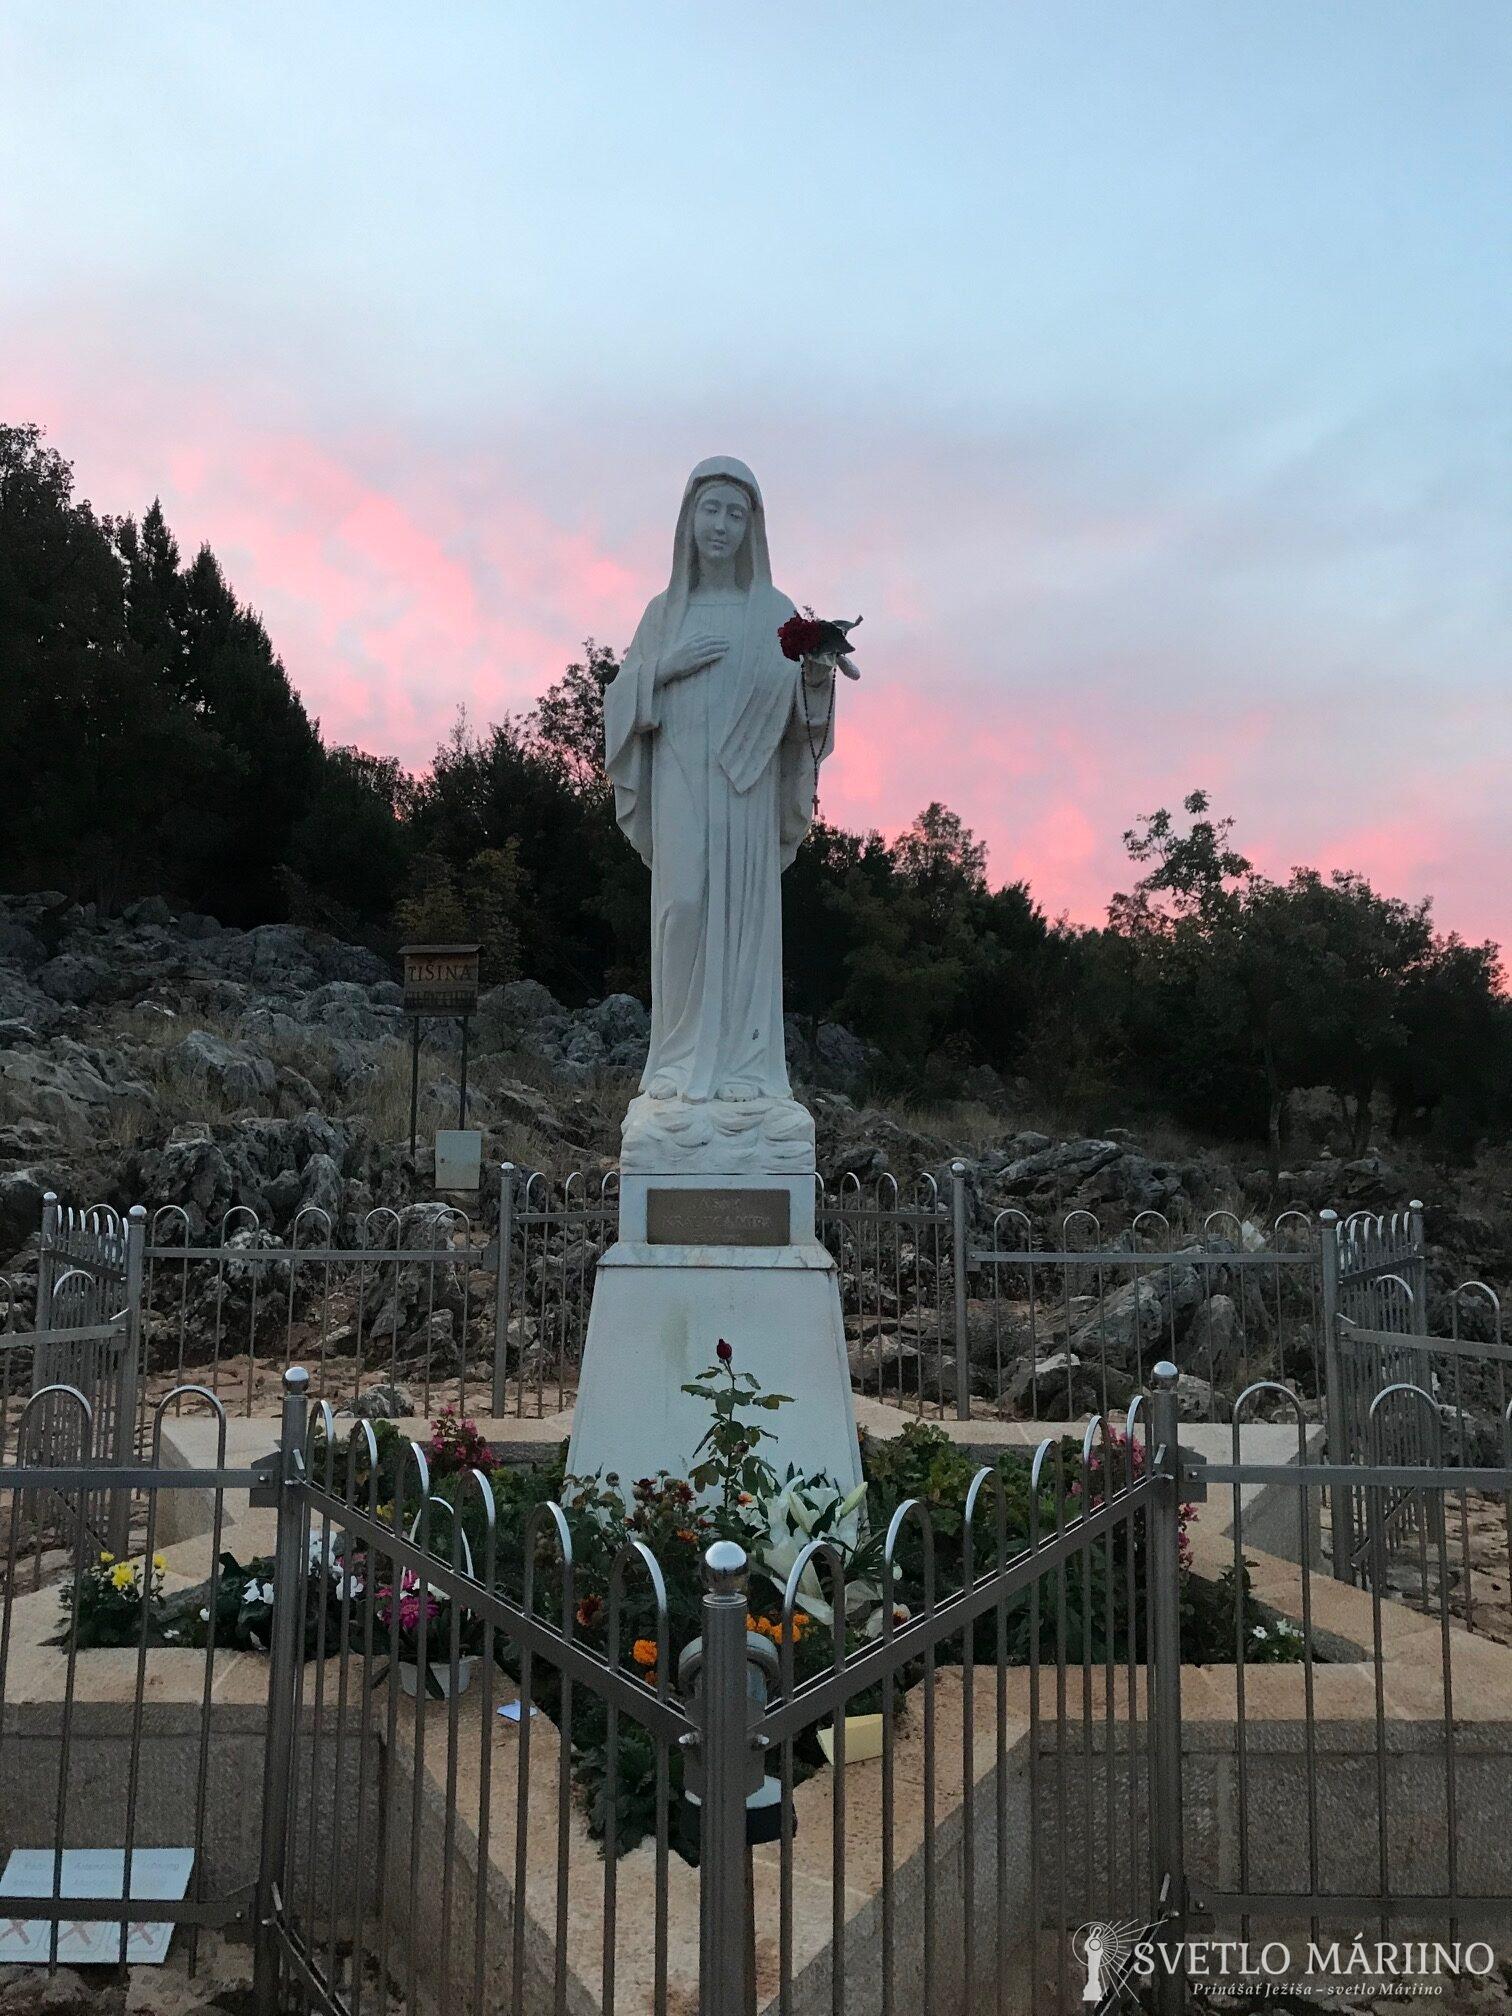 Posolstvo Panny Márie, Kráľovnej pokoja, 25. októbra 2020, cez vizionárku Mariju Lunettiovú